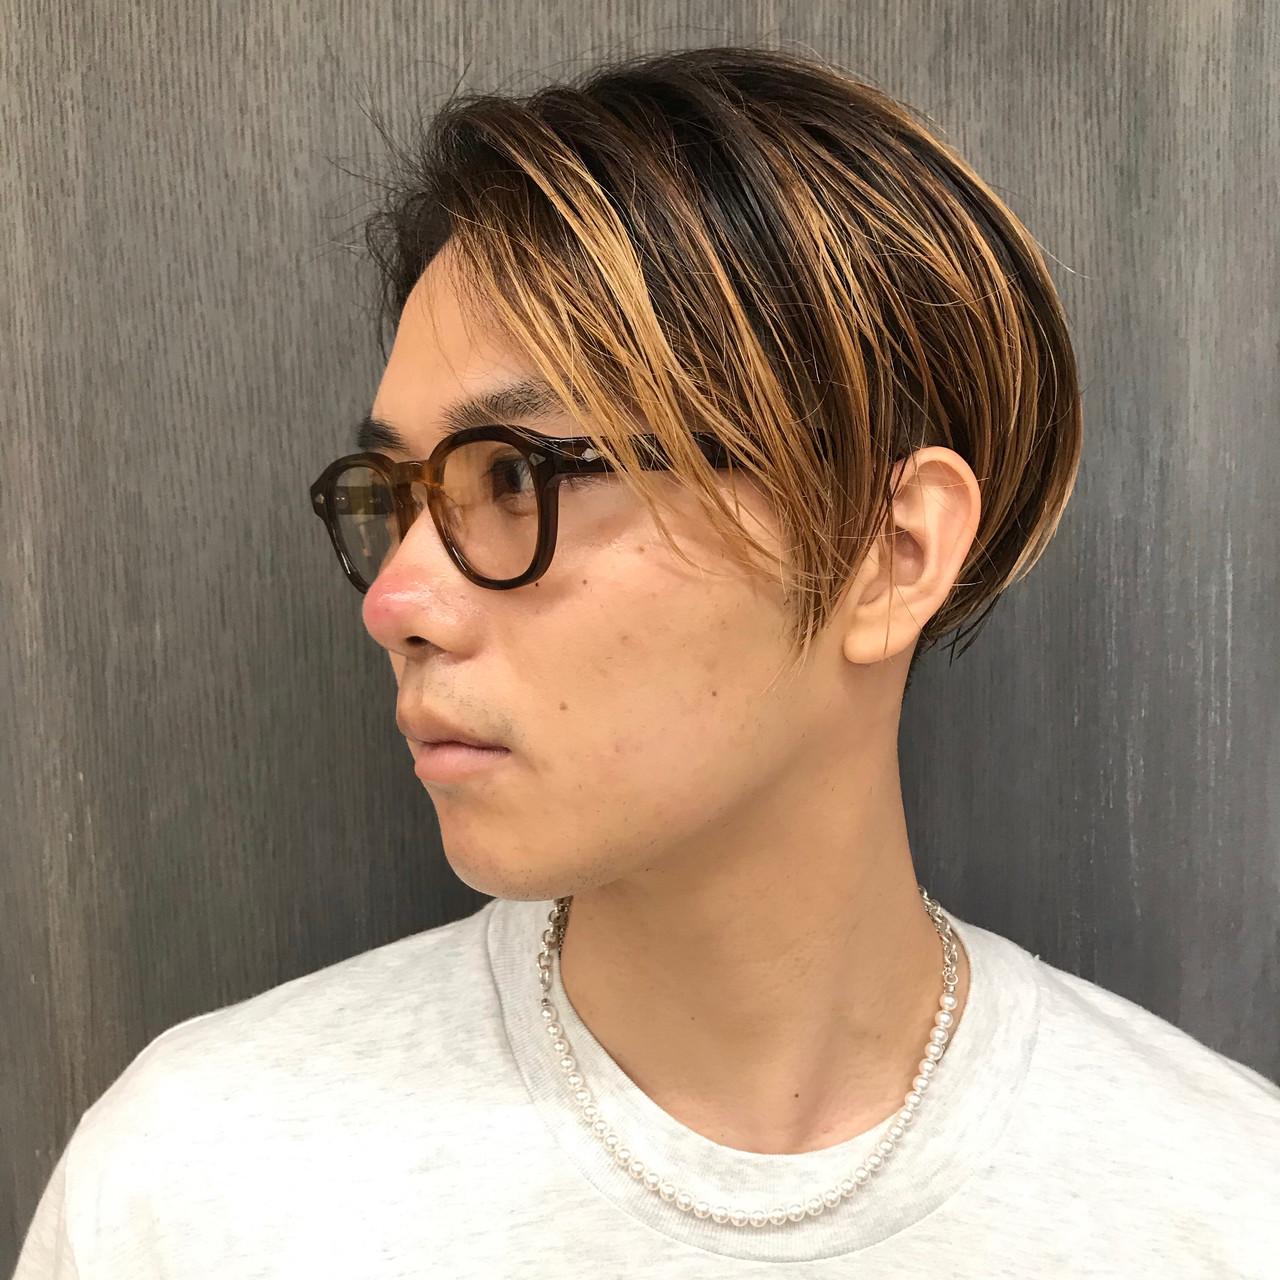 メンズヘア メンズパーマ ミディアム メンズカラー ヘアスタイルや髪型の写真・画像